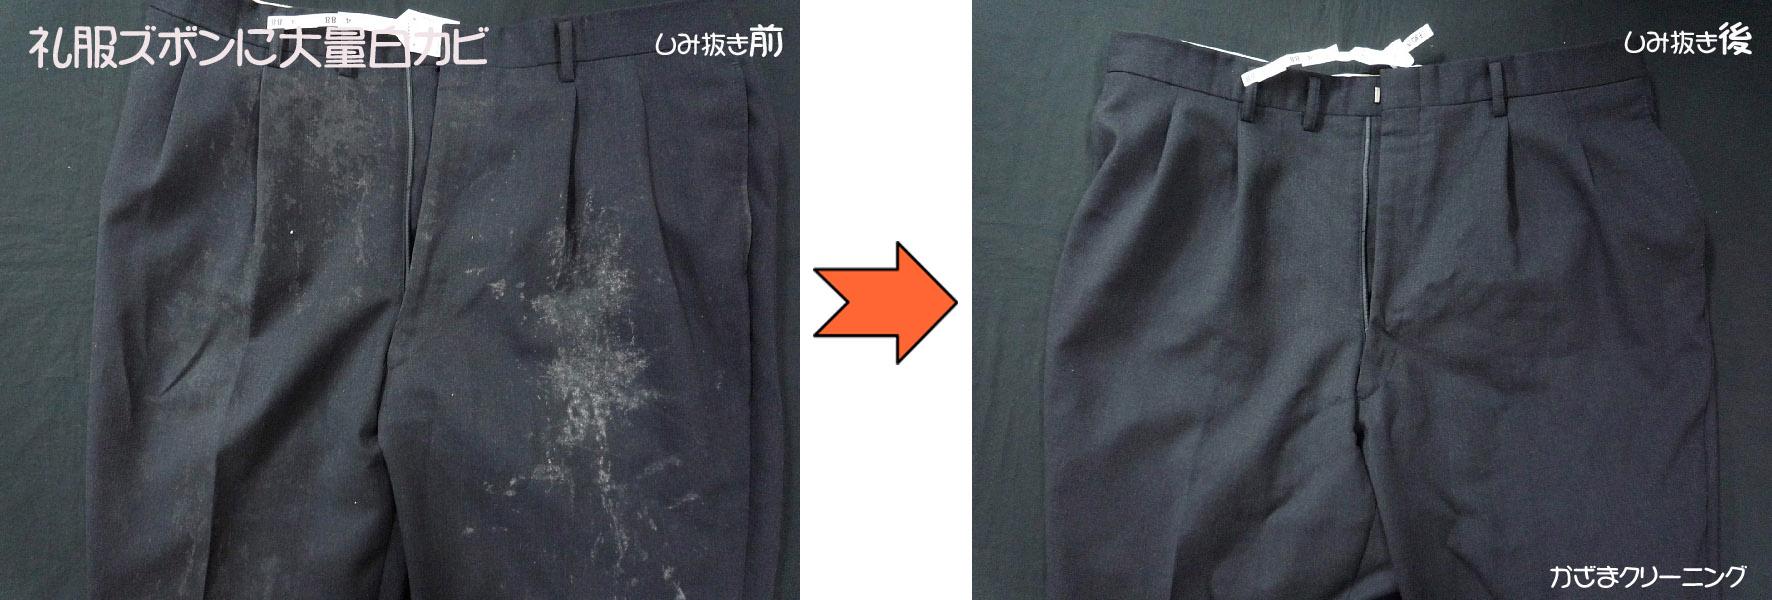 礼服ズボンに大量のカビ